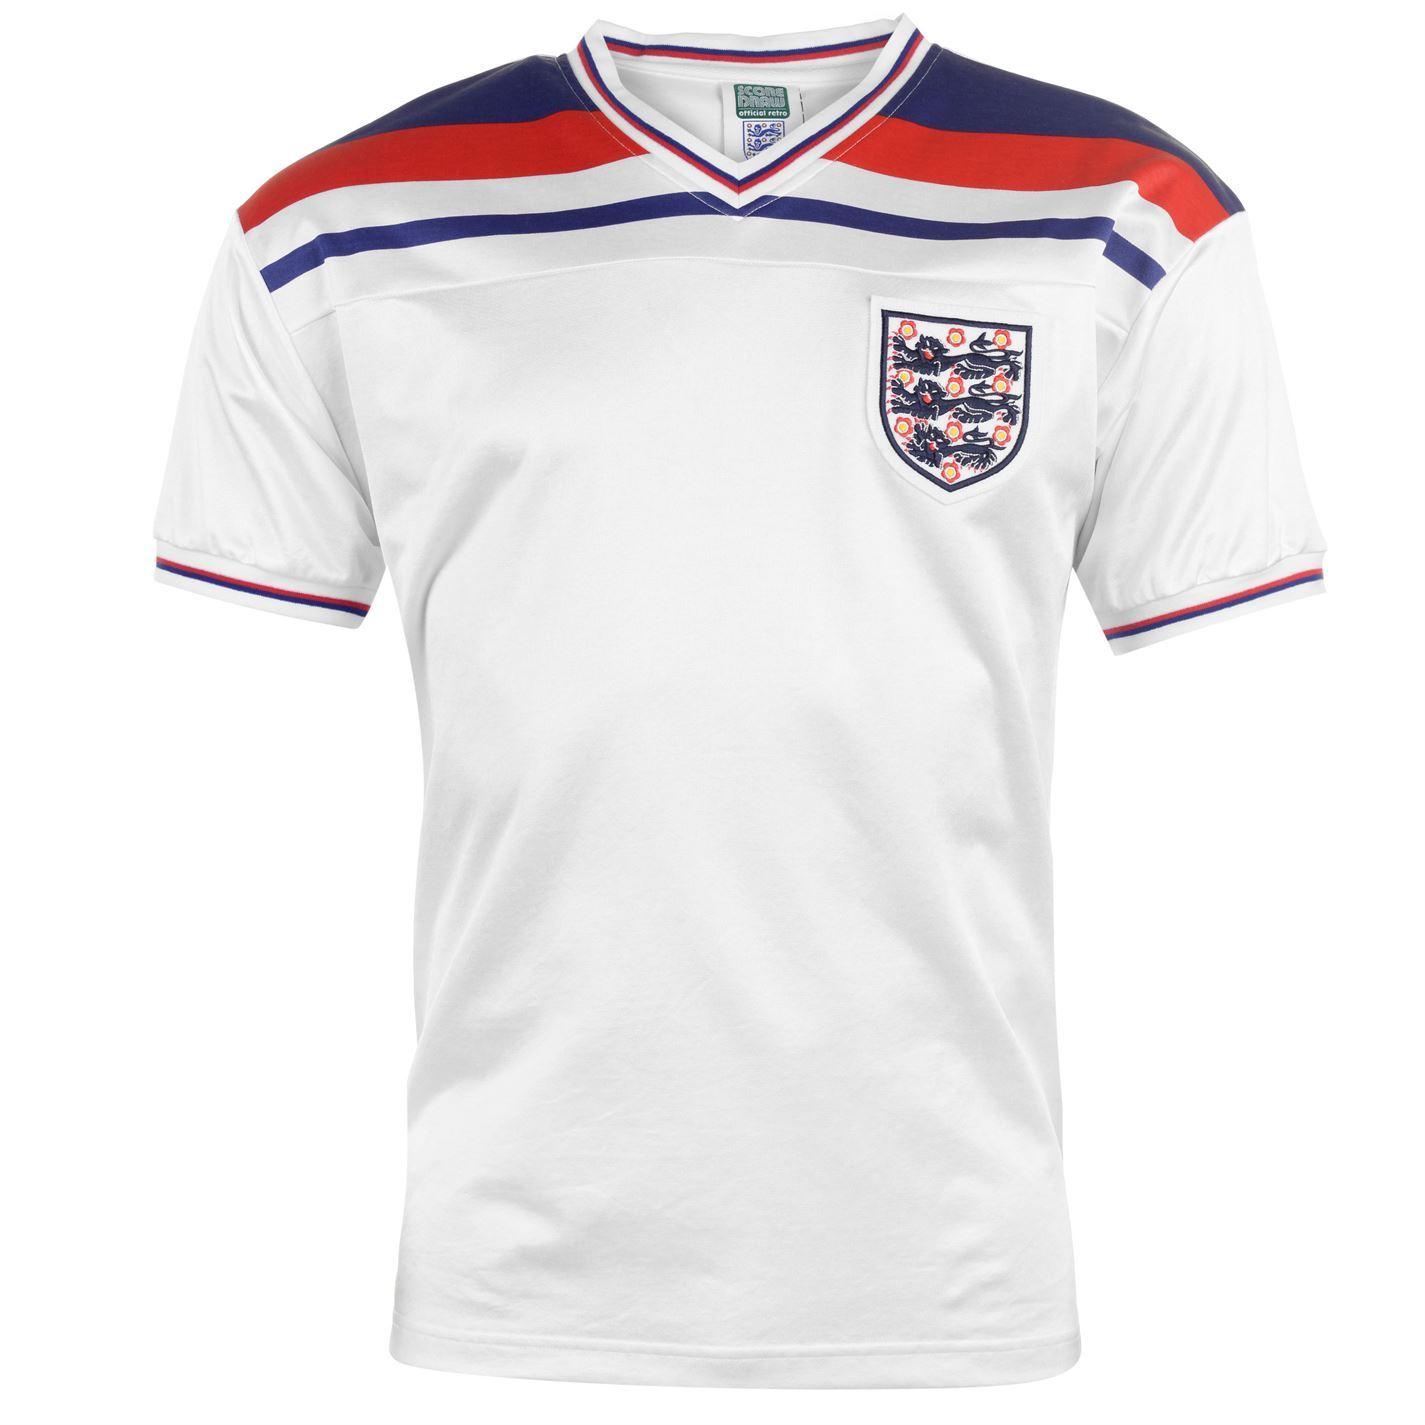 4883ec3f Buy Retro Football Shirts - DREAMWORKS